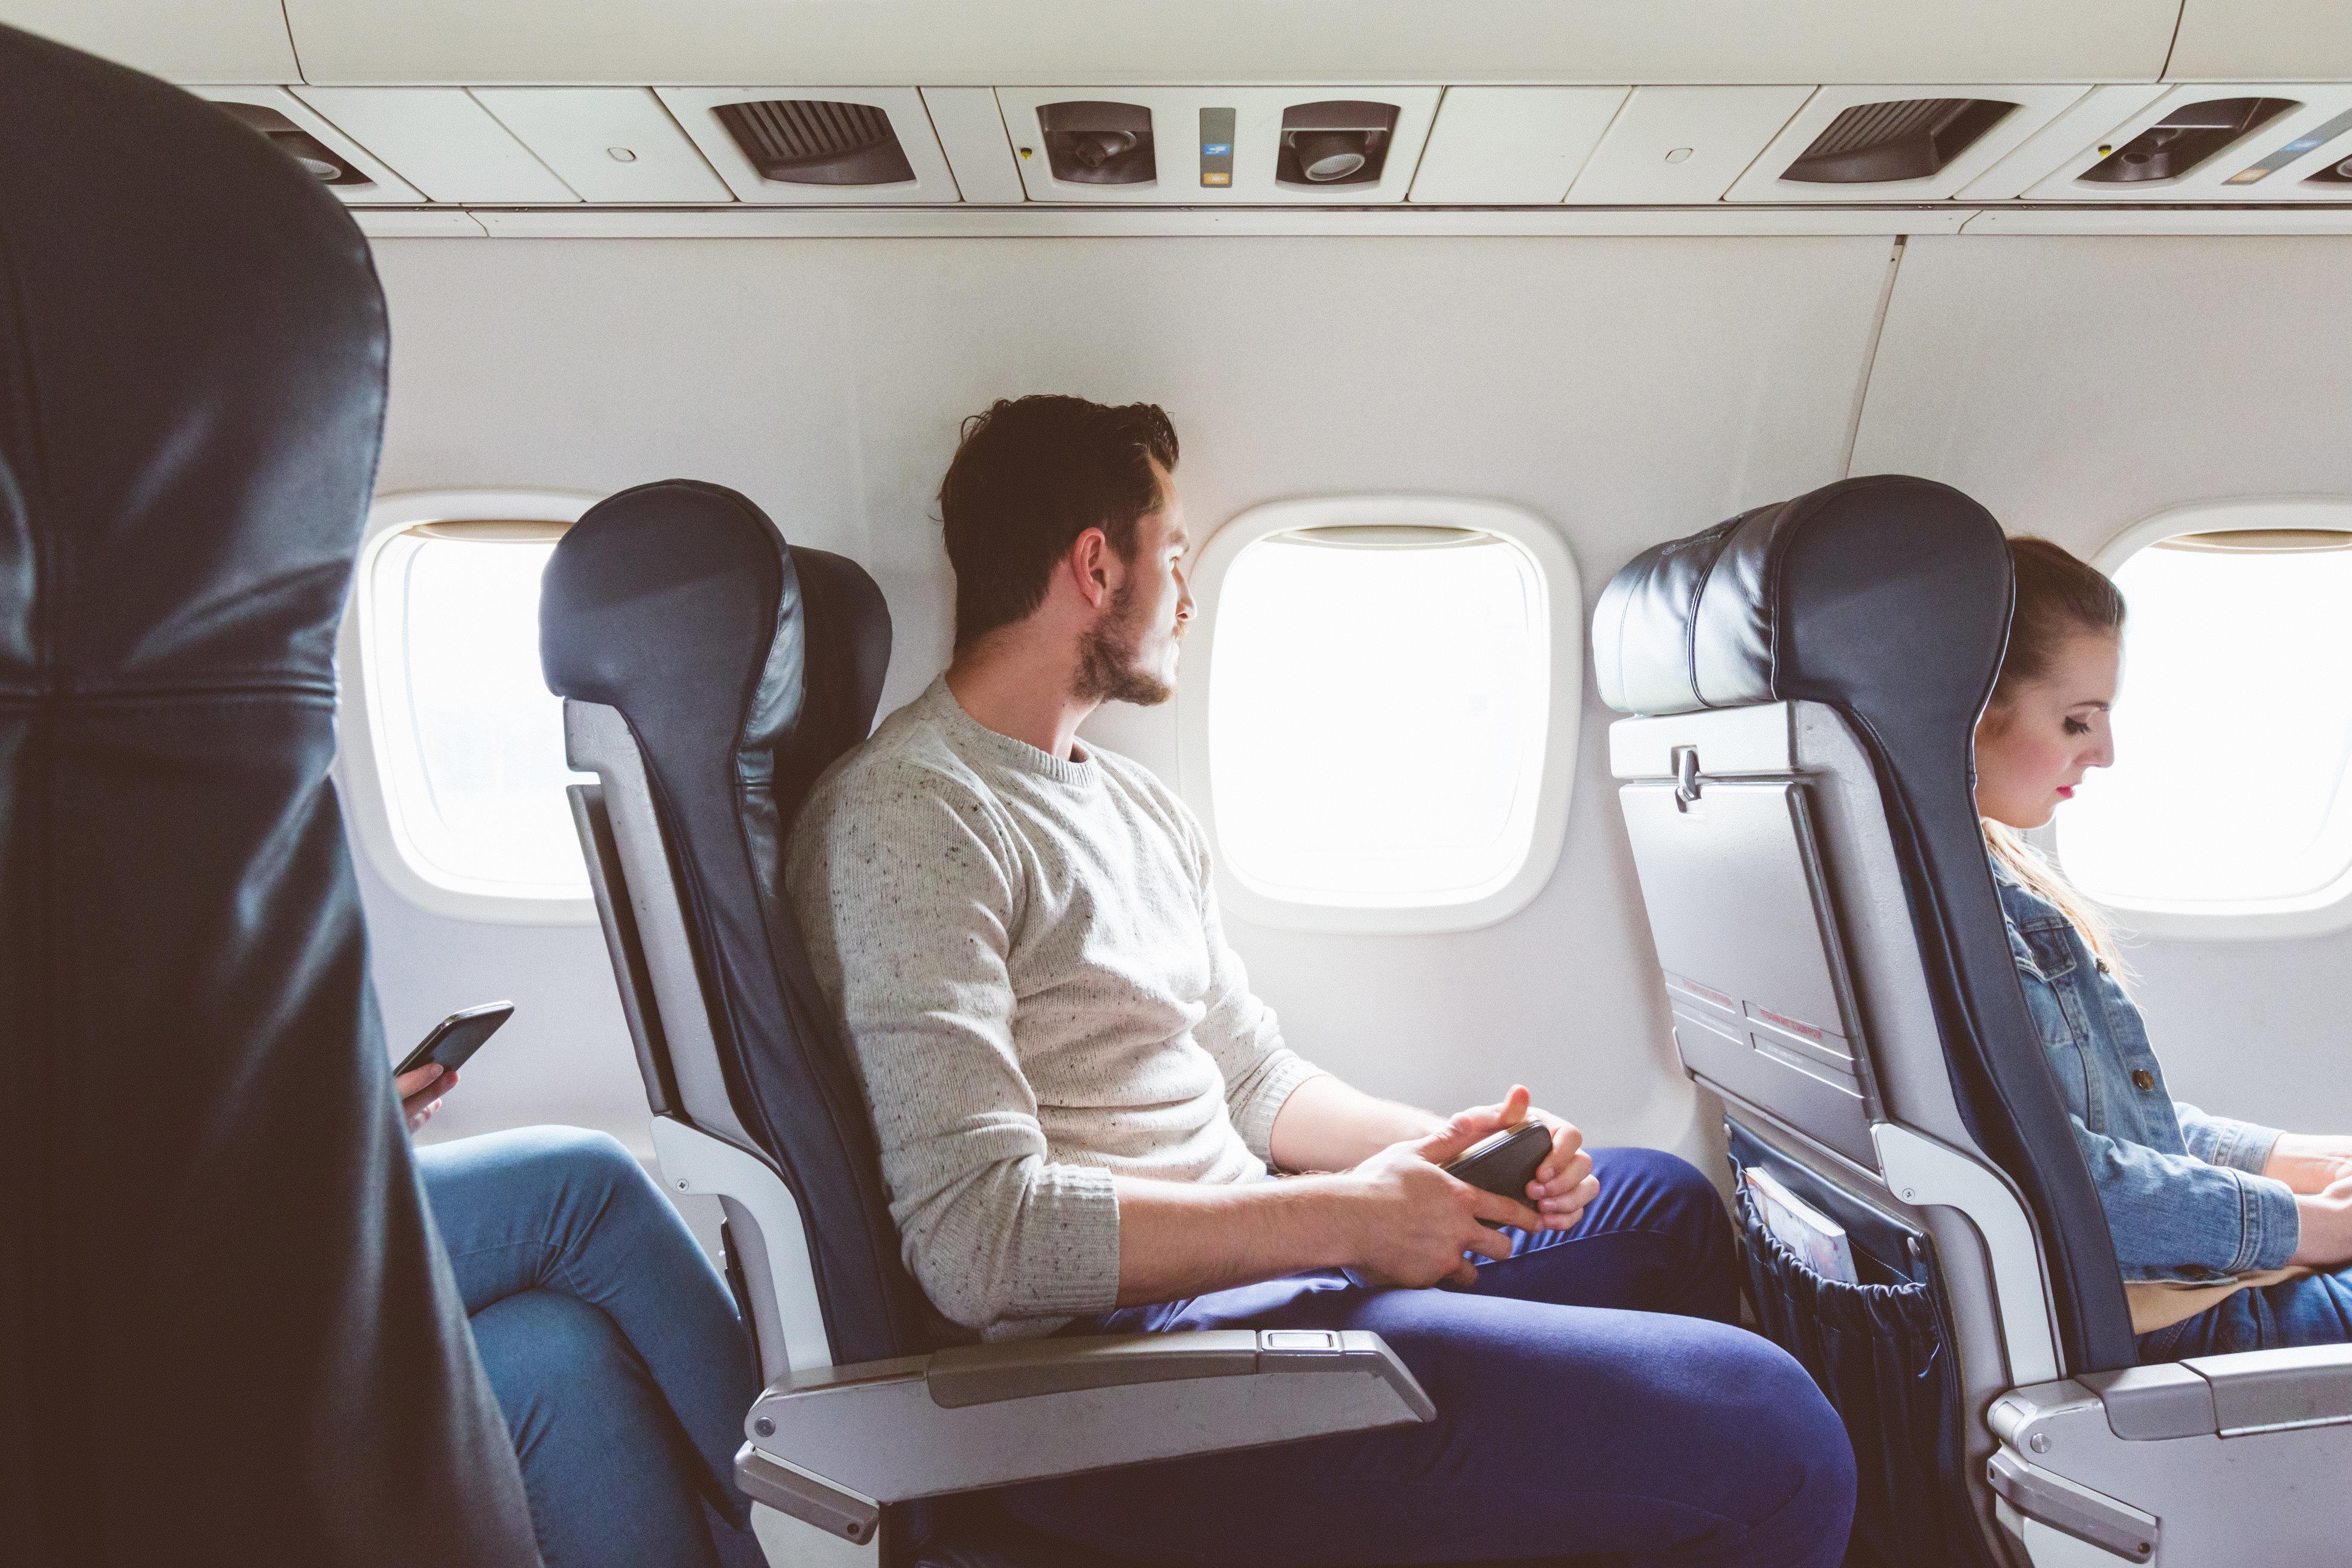 Airline schmeißt schwules Paar aus Flugzeug – weil es seinen Platz nicht tauschen wollte